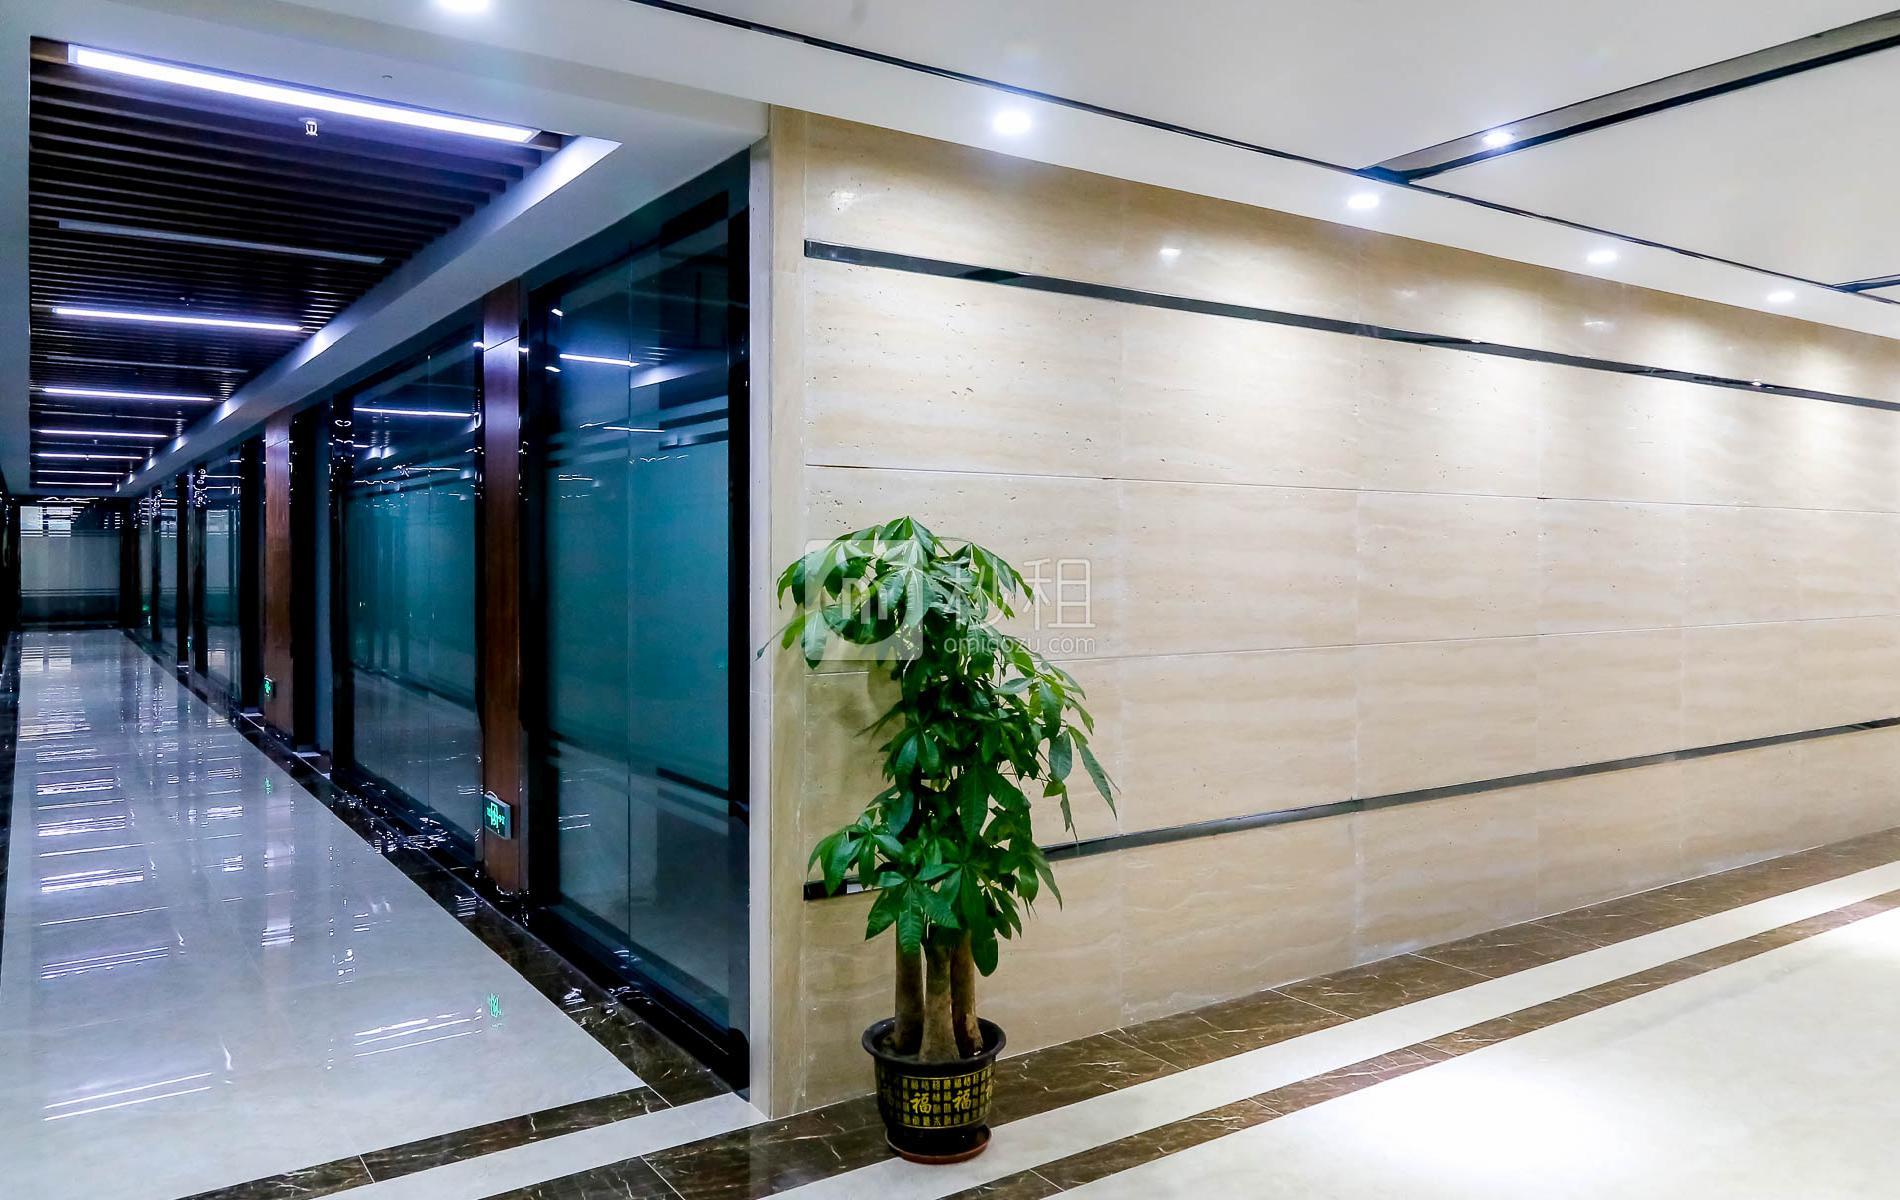 大众创业园写字楼出租/招租/租赁,大众创业园办公室出租/招租/租赁